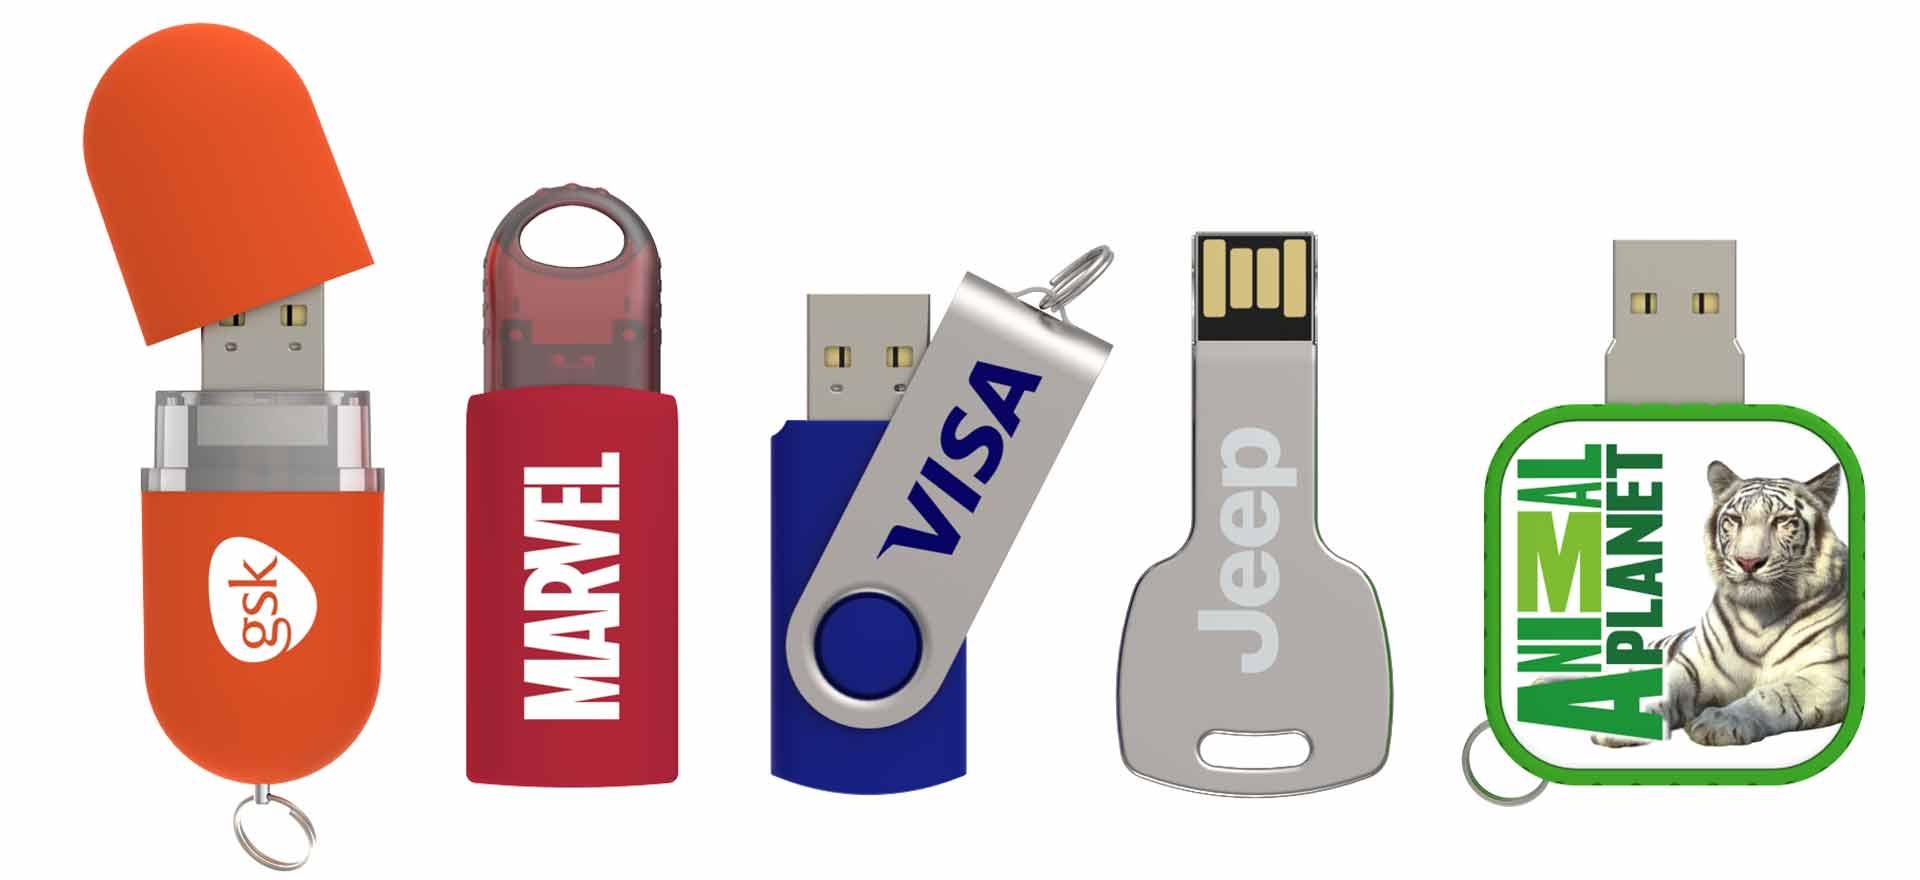 USB手指 - 僅五個工作天內送到!